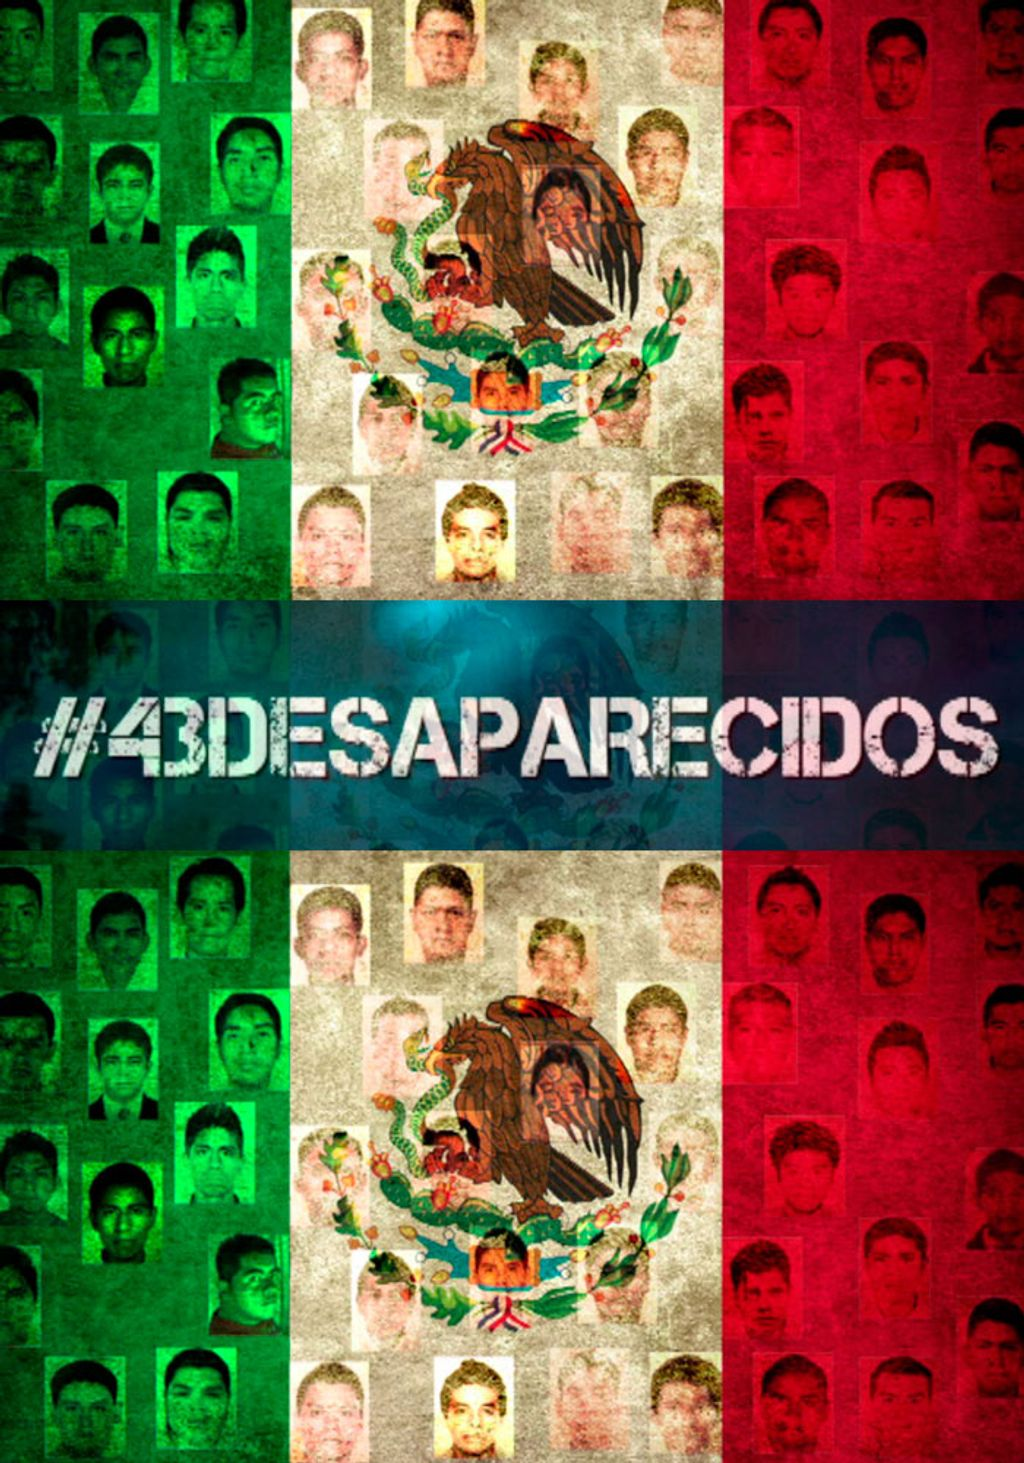 iae4zkwdd1y7_43desaparecidos_poster_2.jpg